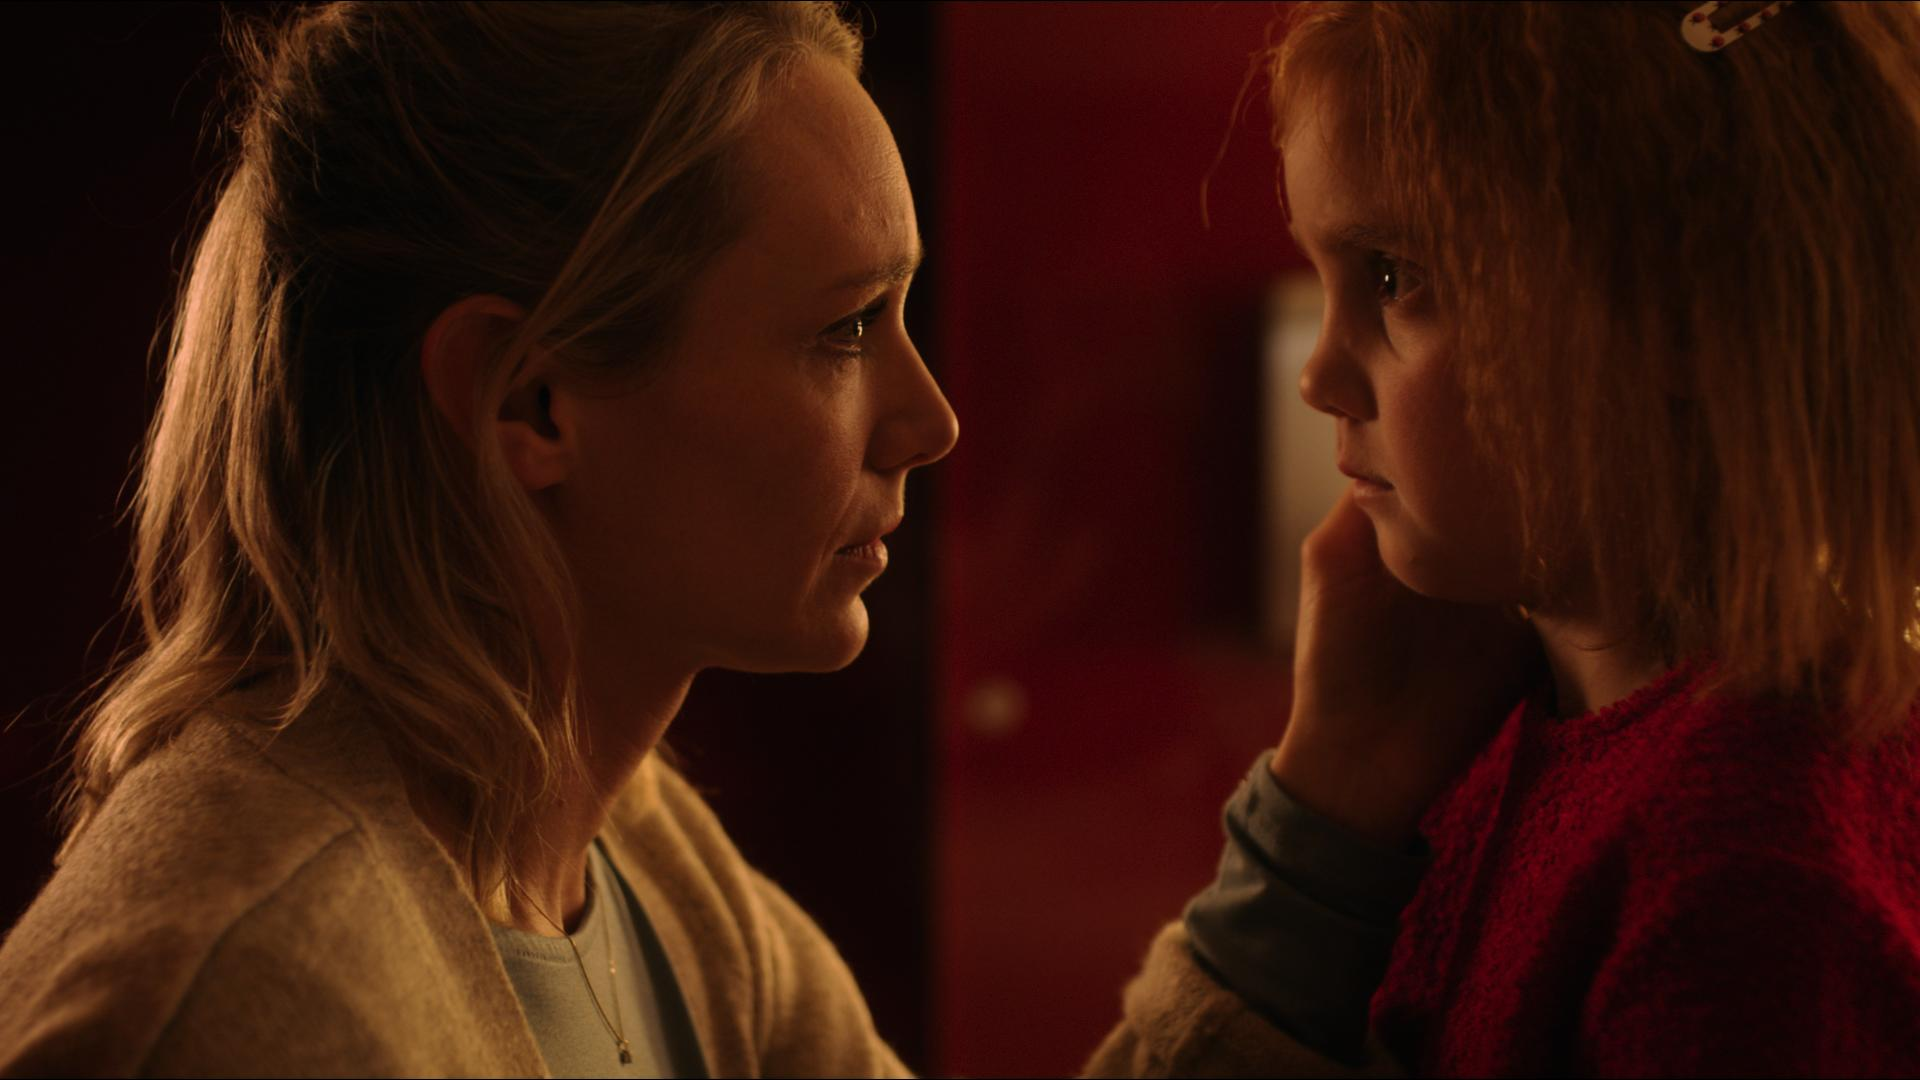 Sophie van Winden wint op Catacumba Film Festivcal - Sophie van Winden is op het Catacumba Film Festival bij Valencia uitgeroepen tot Beste Actrice voor haar rol in de korte film Kind. Kijk op de website voor meer informatie: https://bit.ly/2RAYtQe